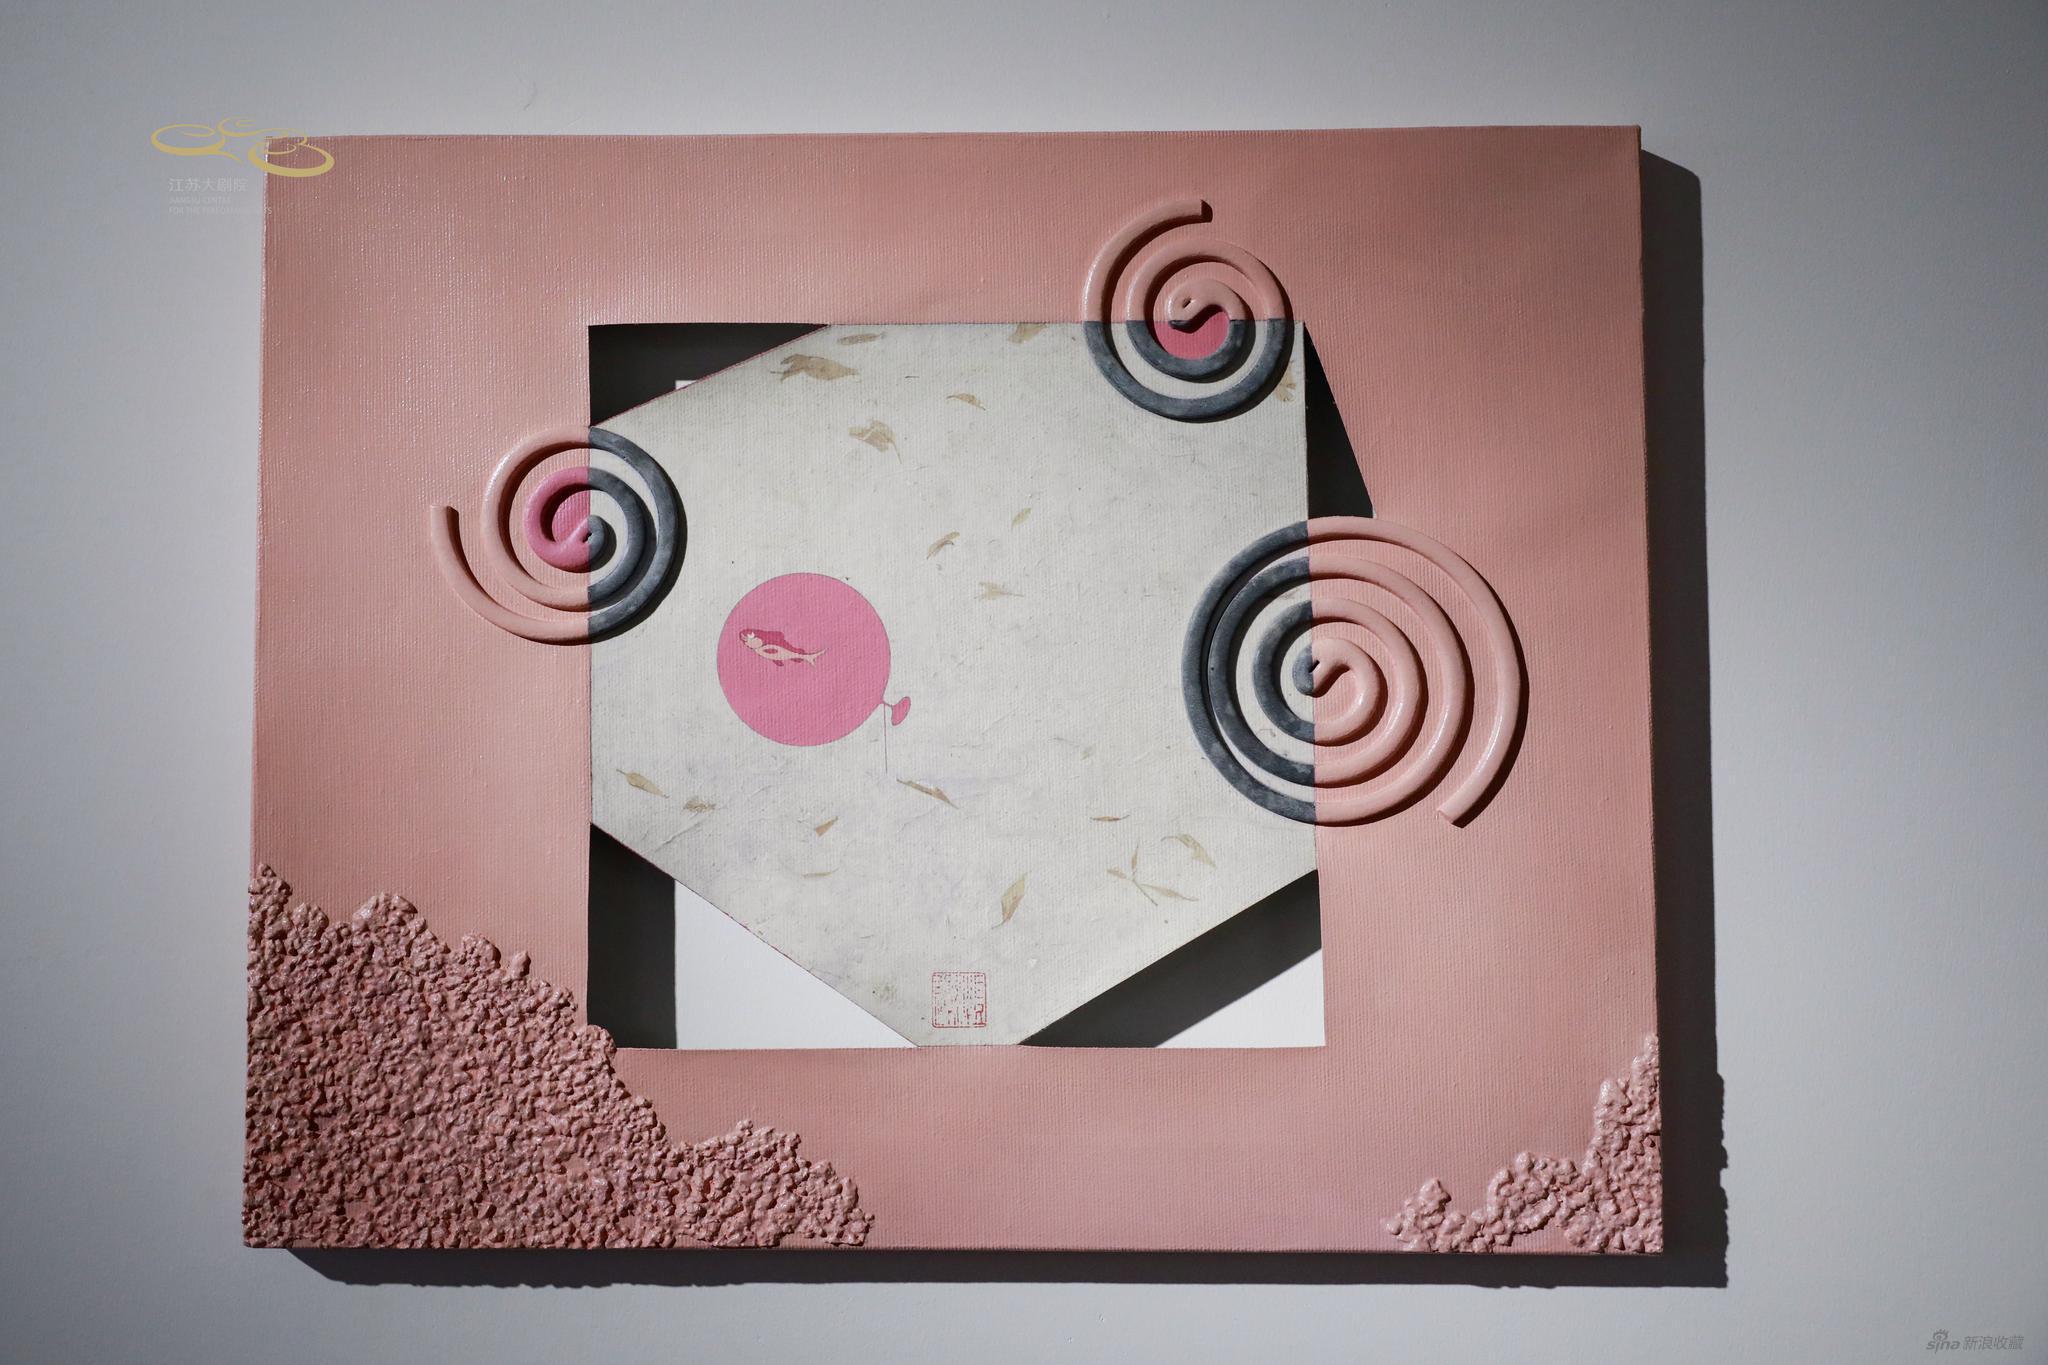 朱耷爱上了杜尚,40x50cm,综合材料,2013